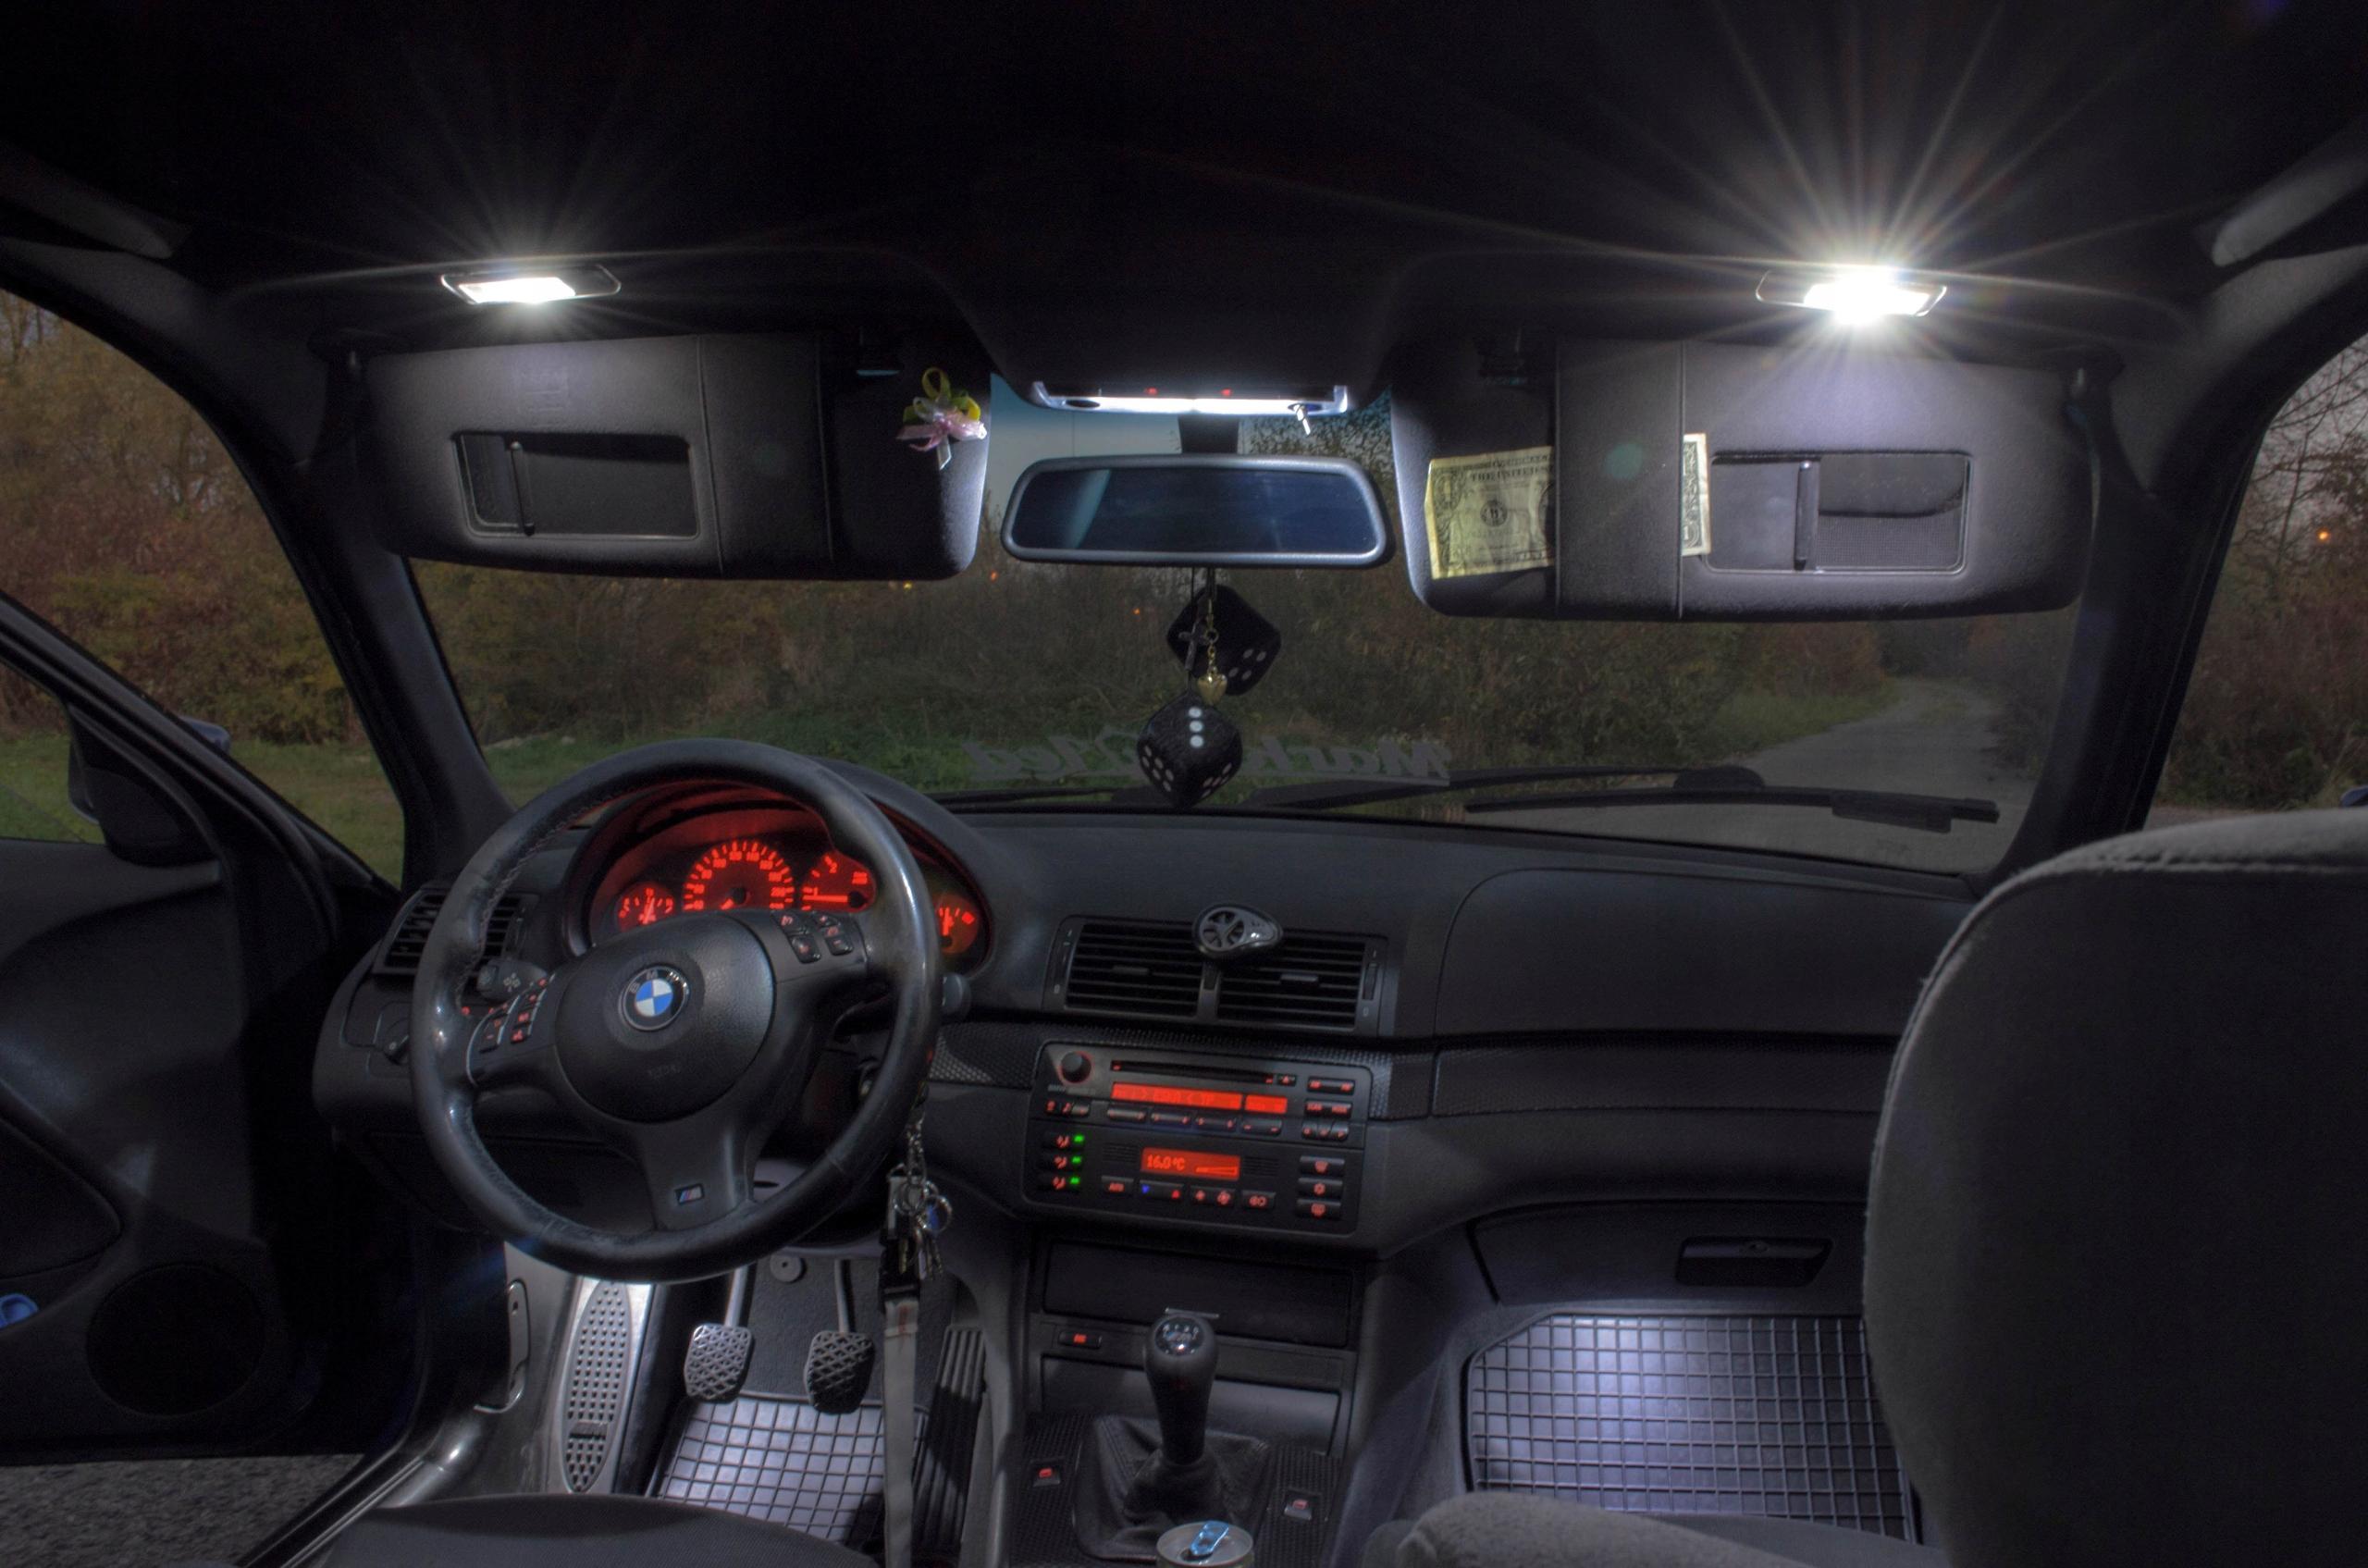 AUDI A6 C6 AVANT - Zestaw Oświetlenie wnętrza LED! Typ żarówki Zestawy